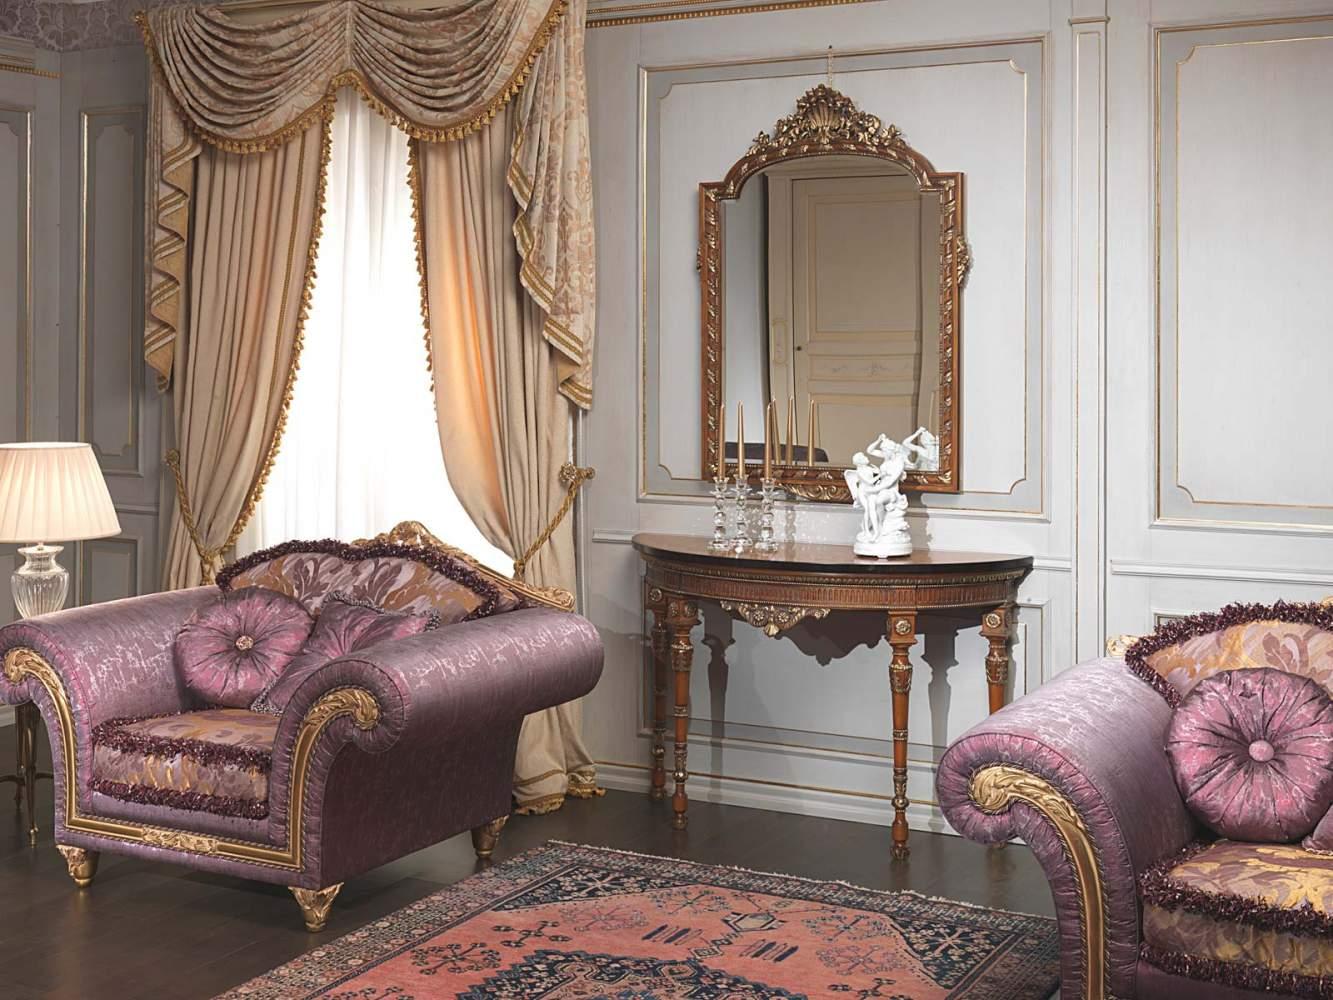 Boiserie laccata bianca e oro con colonne